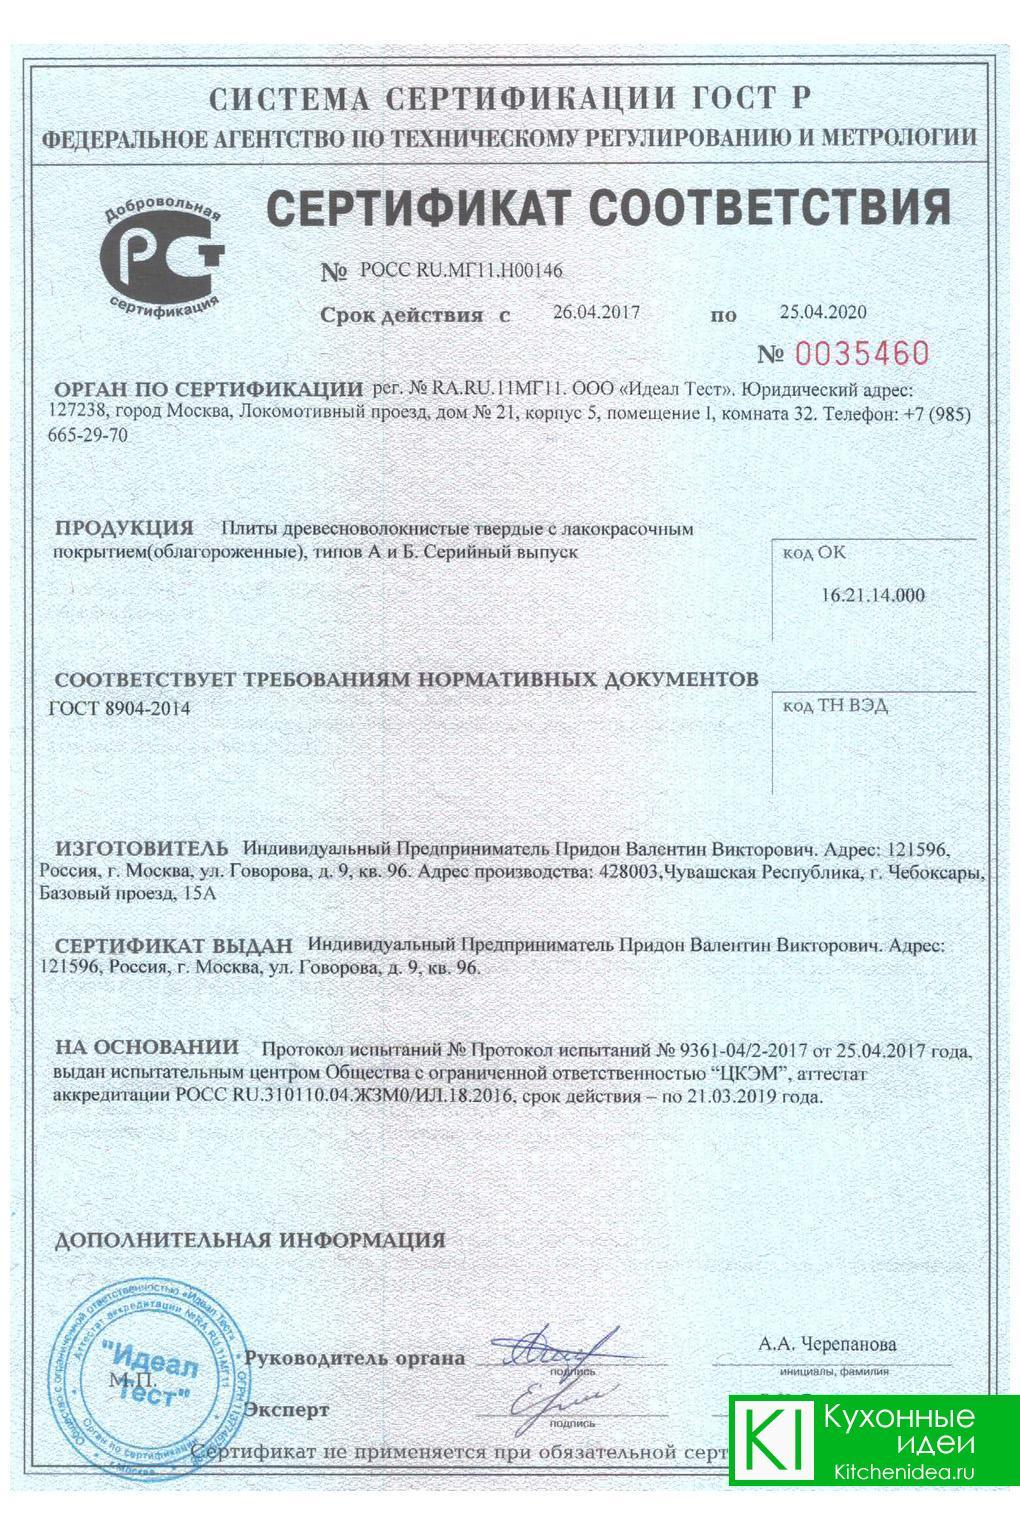 Сертификат соответствия ДВП требо